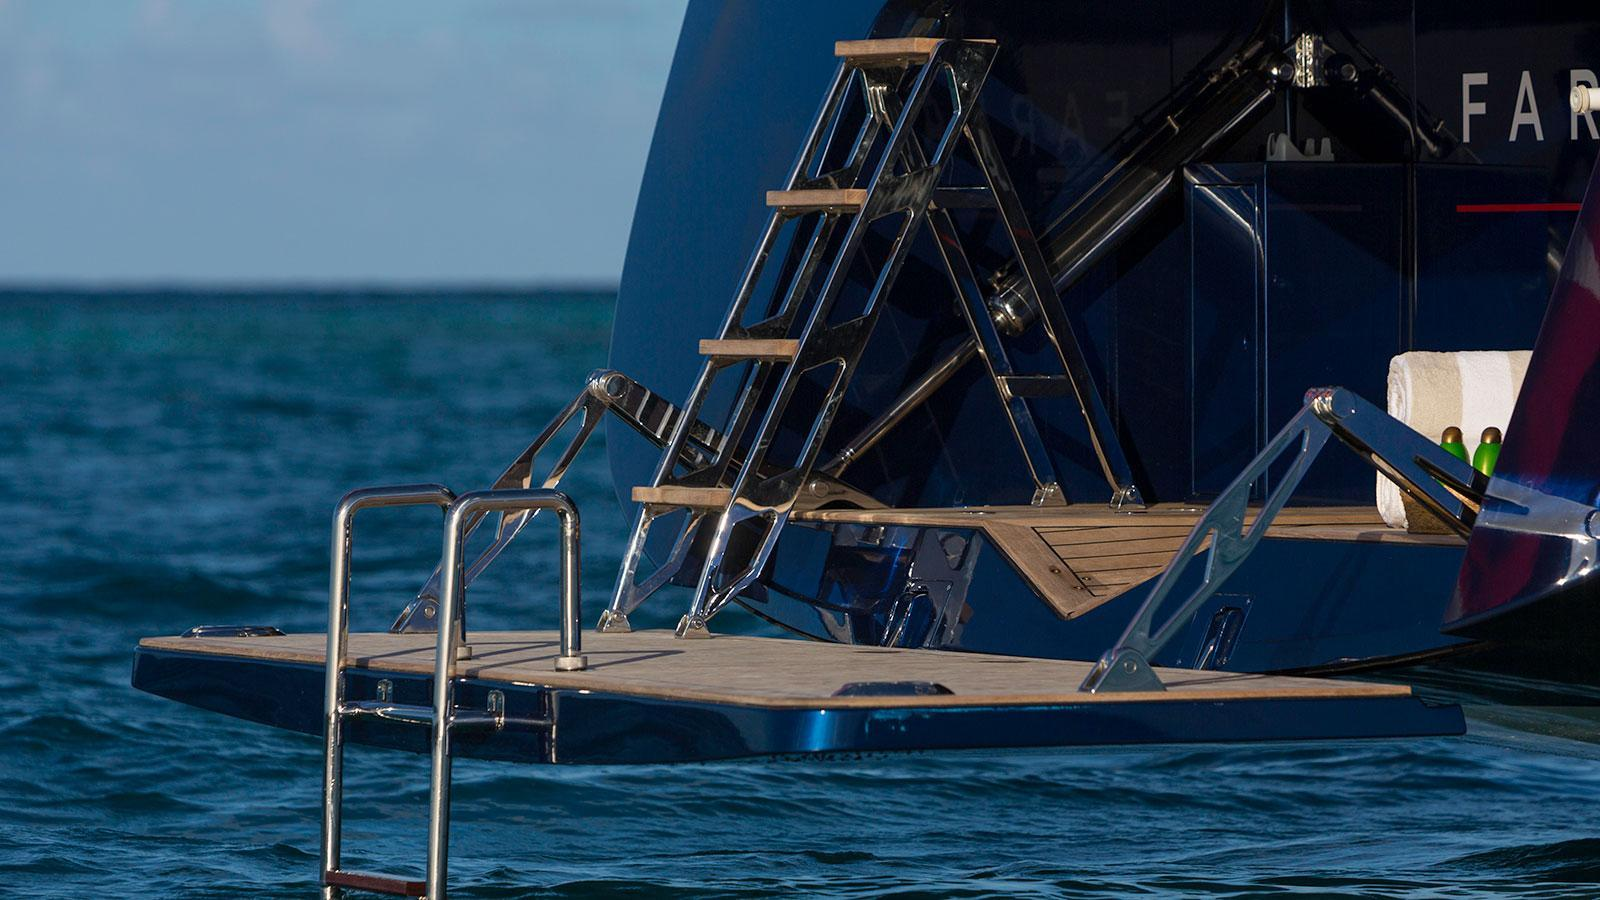 farfalla-sailing-yacht-southern-wind-2014-32m-bathing-platform